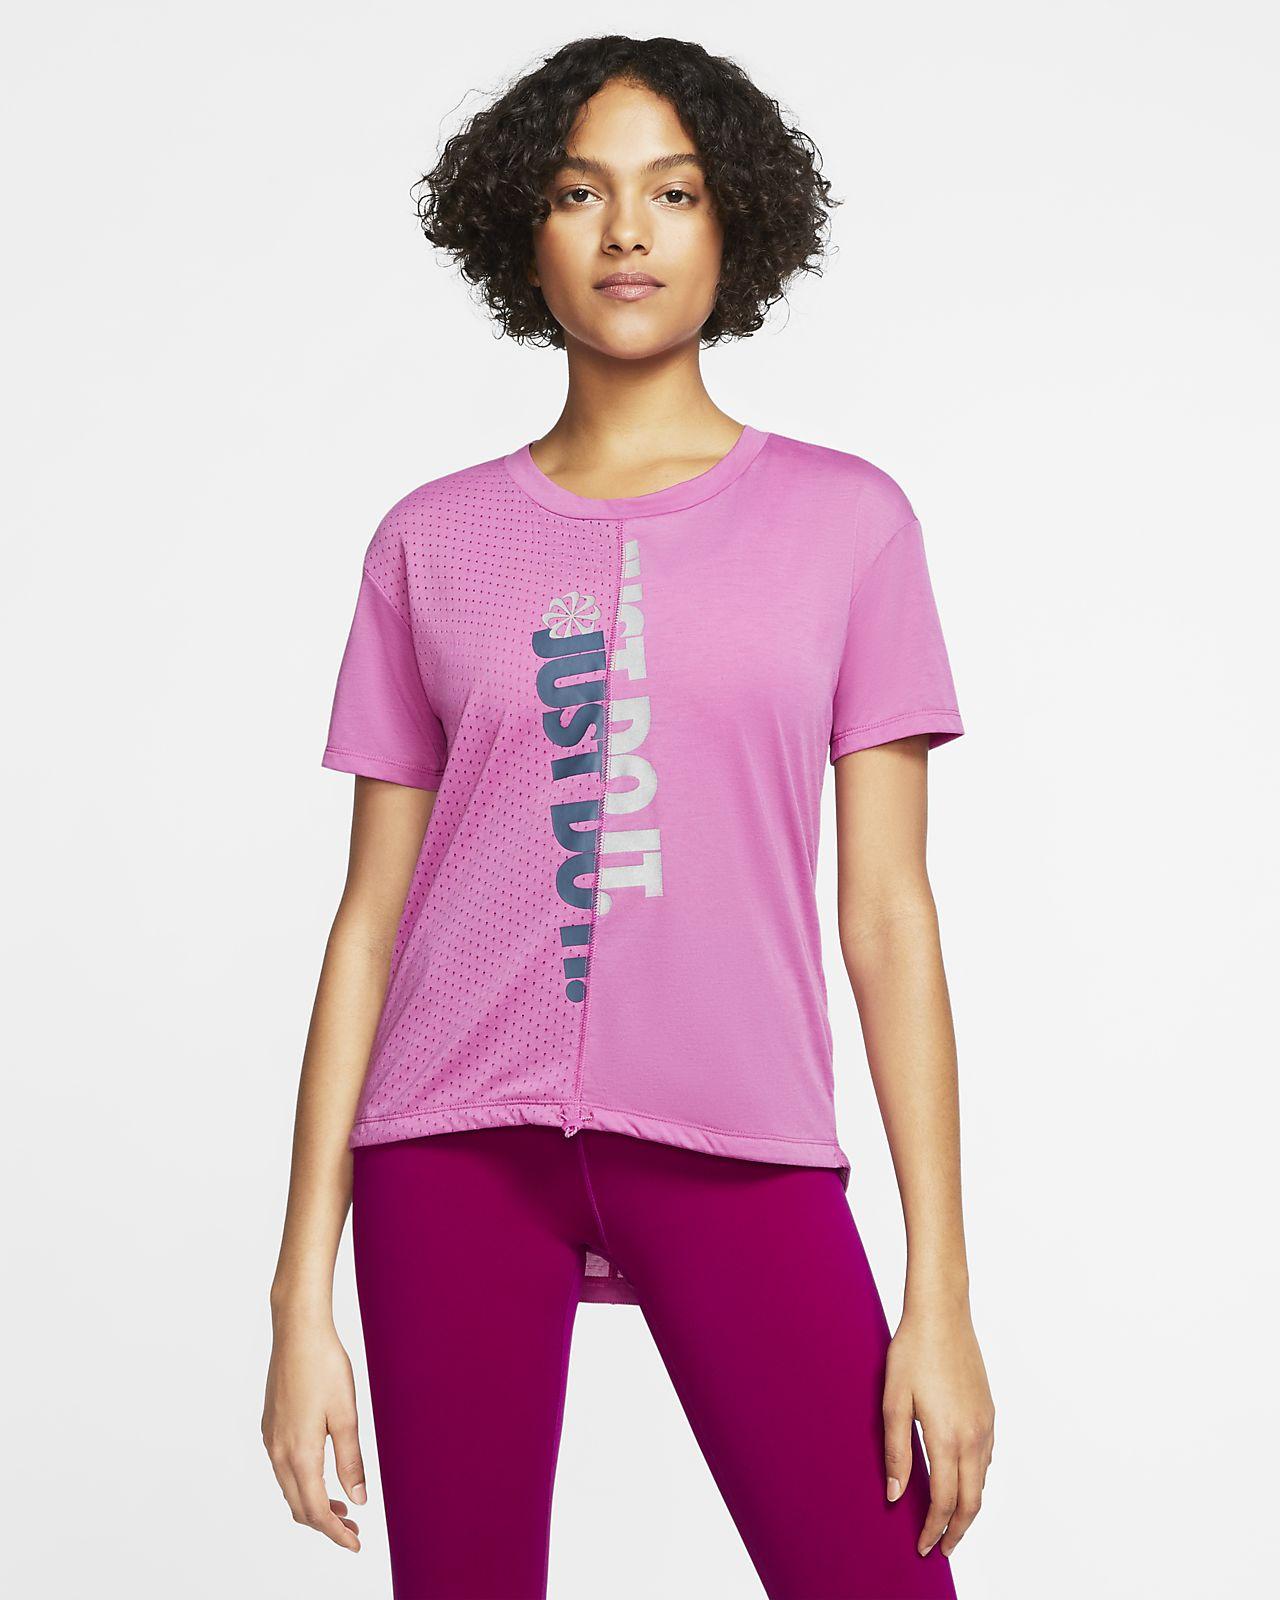 Dámské běžecké tričko Nike Icon Clash s krátkým rukávem